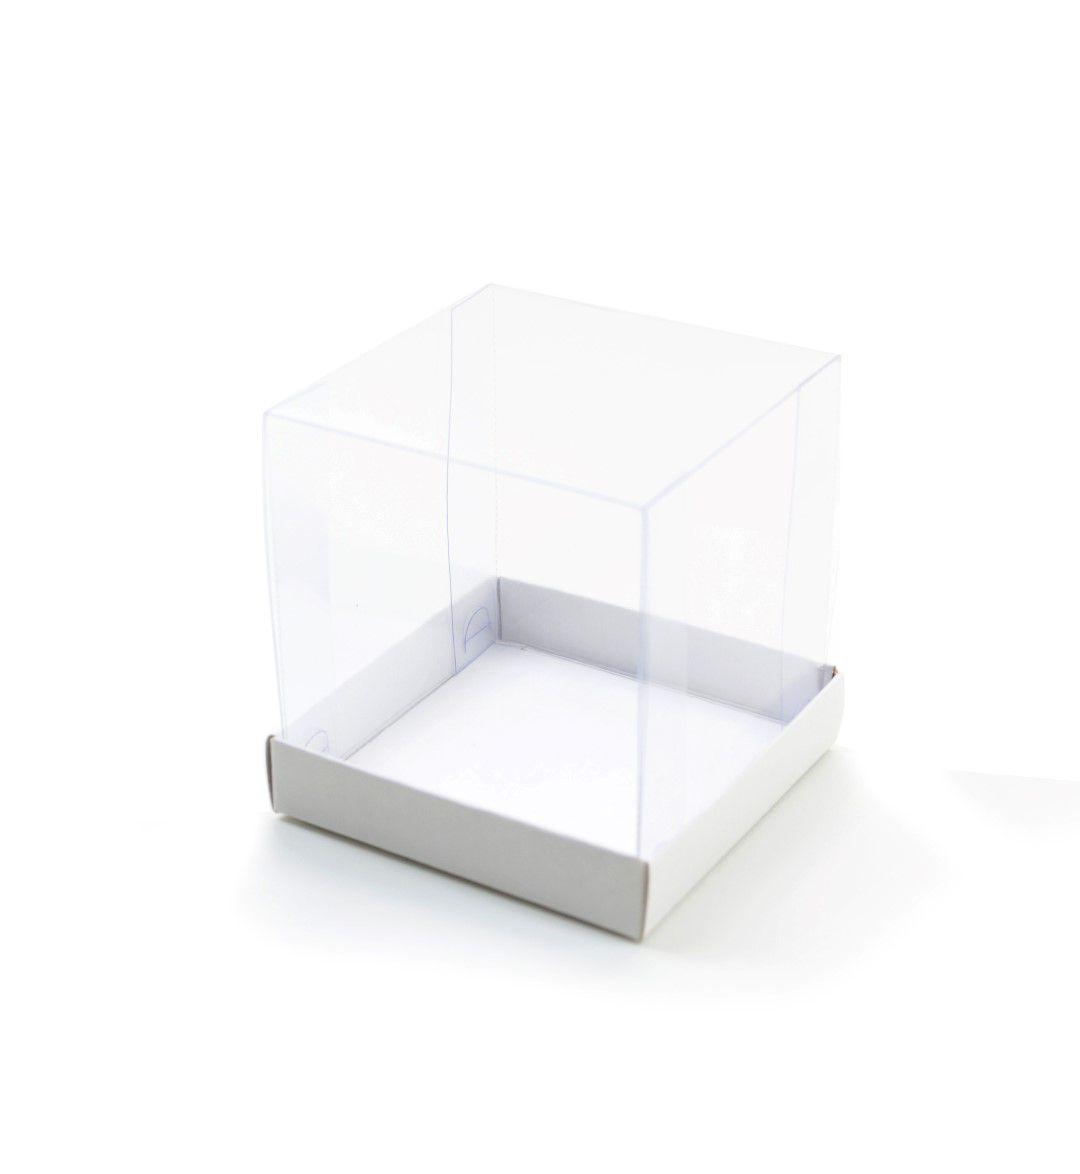 Ref 107 Branca - Caixa c/ tampa transparente - 7,5x7,5x8 cm - c/ 10 unidades